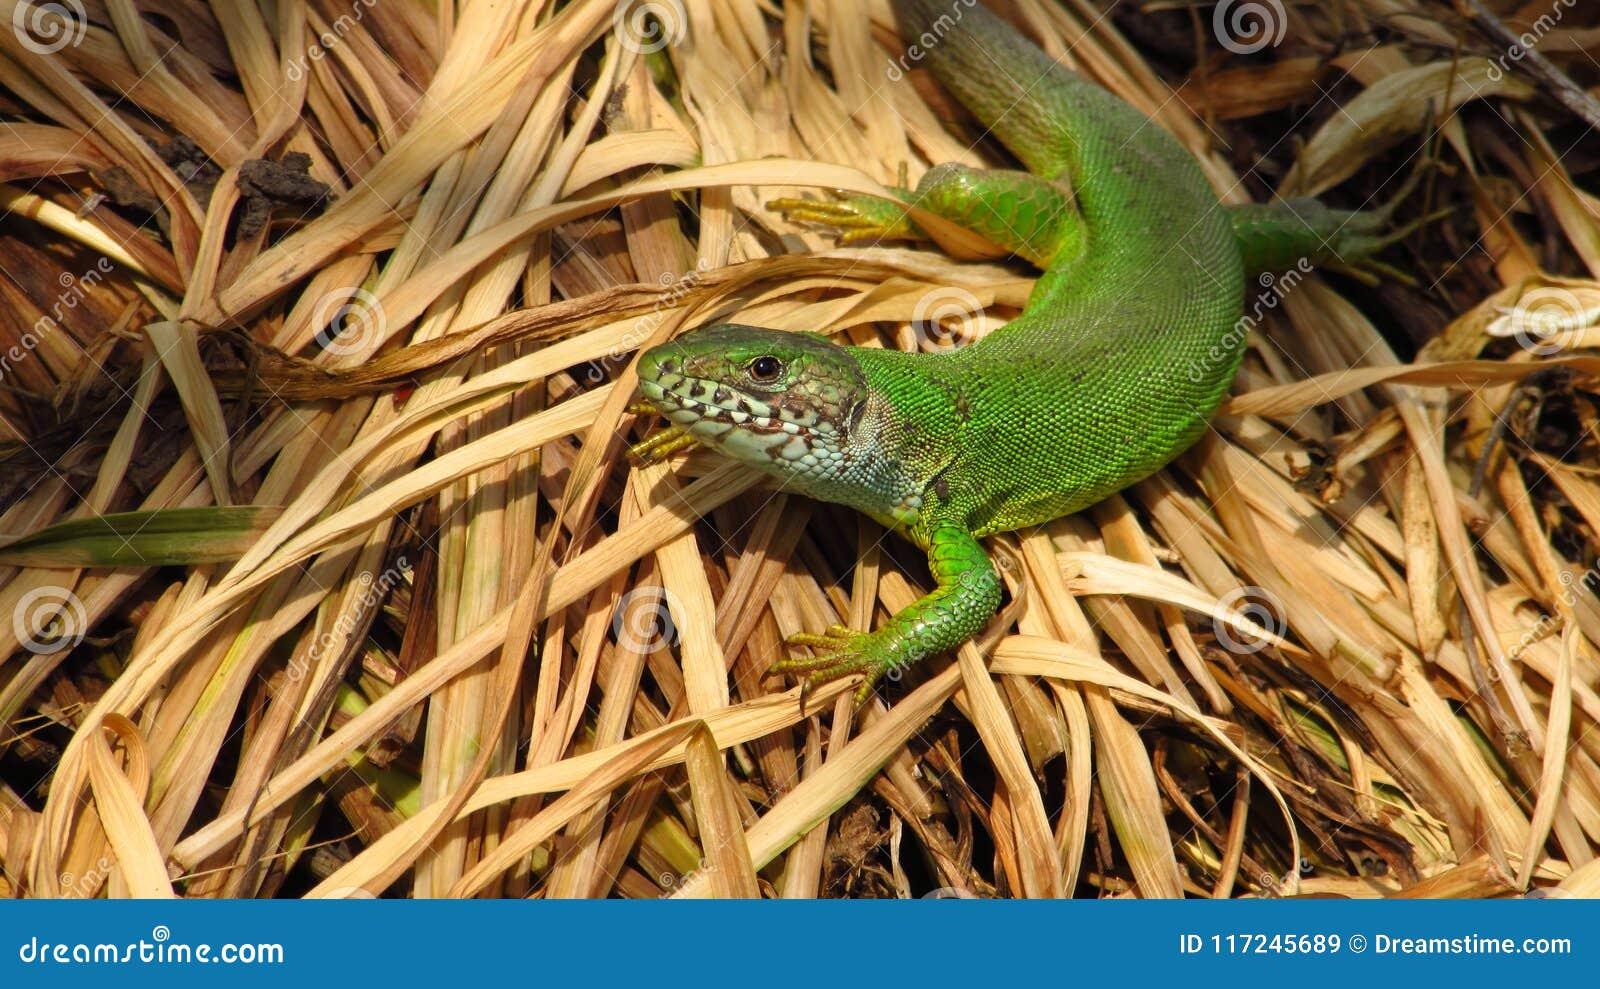 Wielka zielona jaszczurka, kobieta